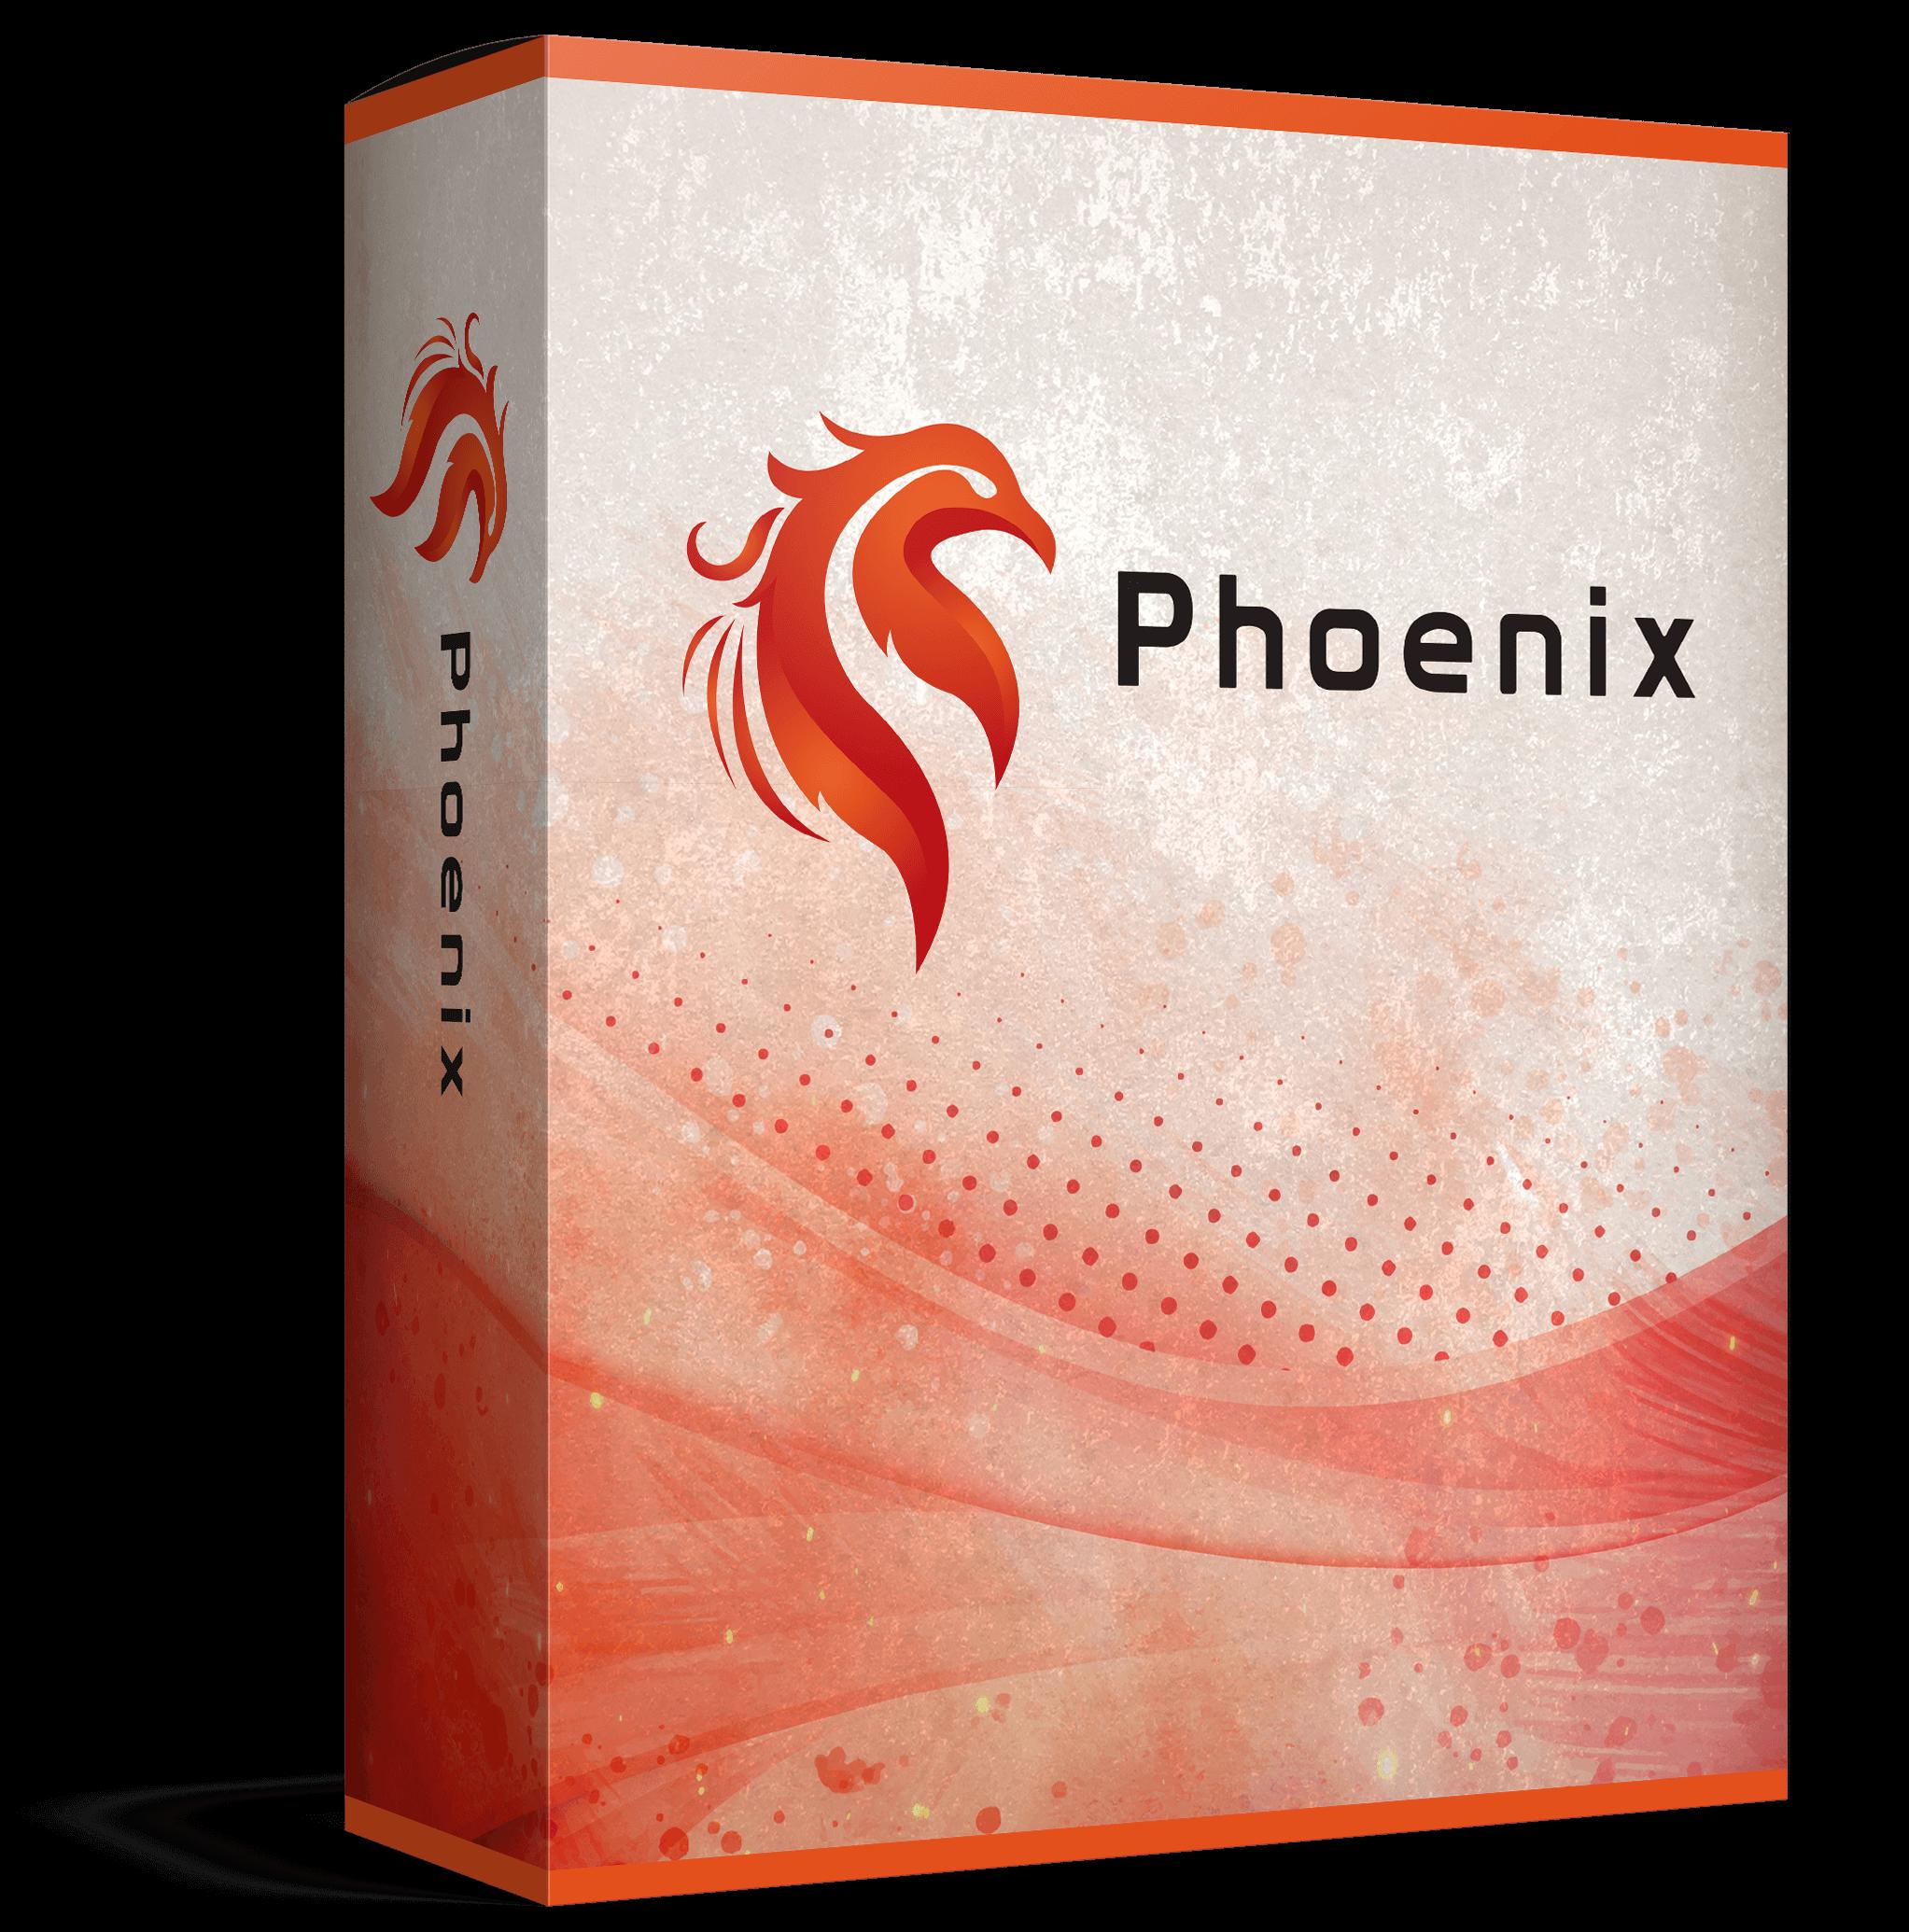 Phoenix box 1